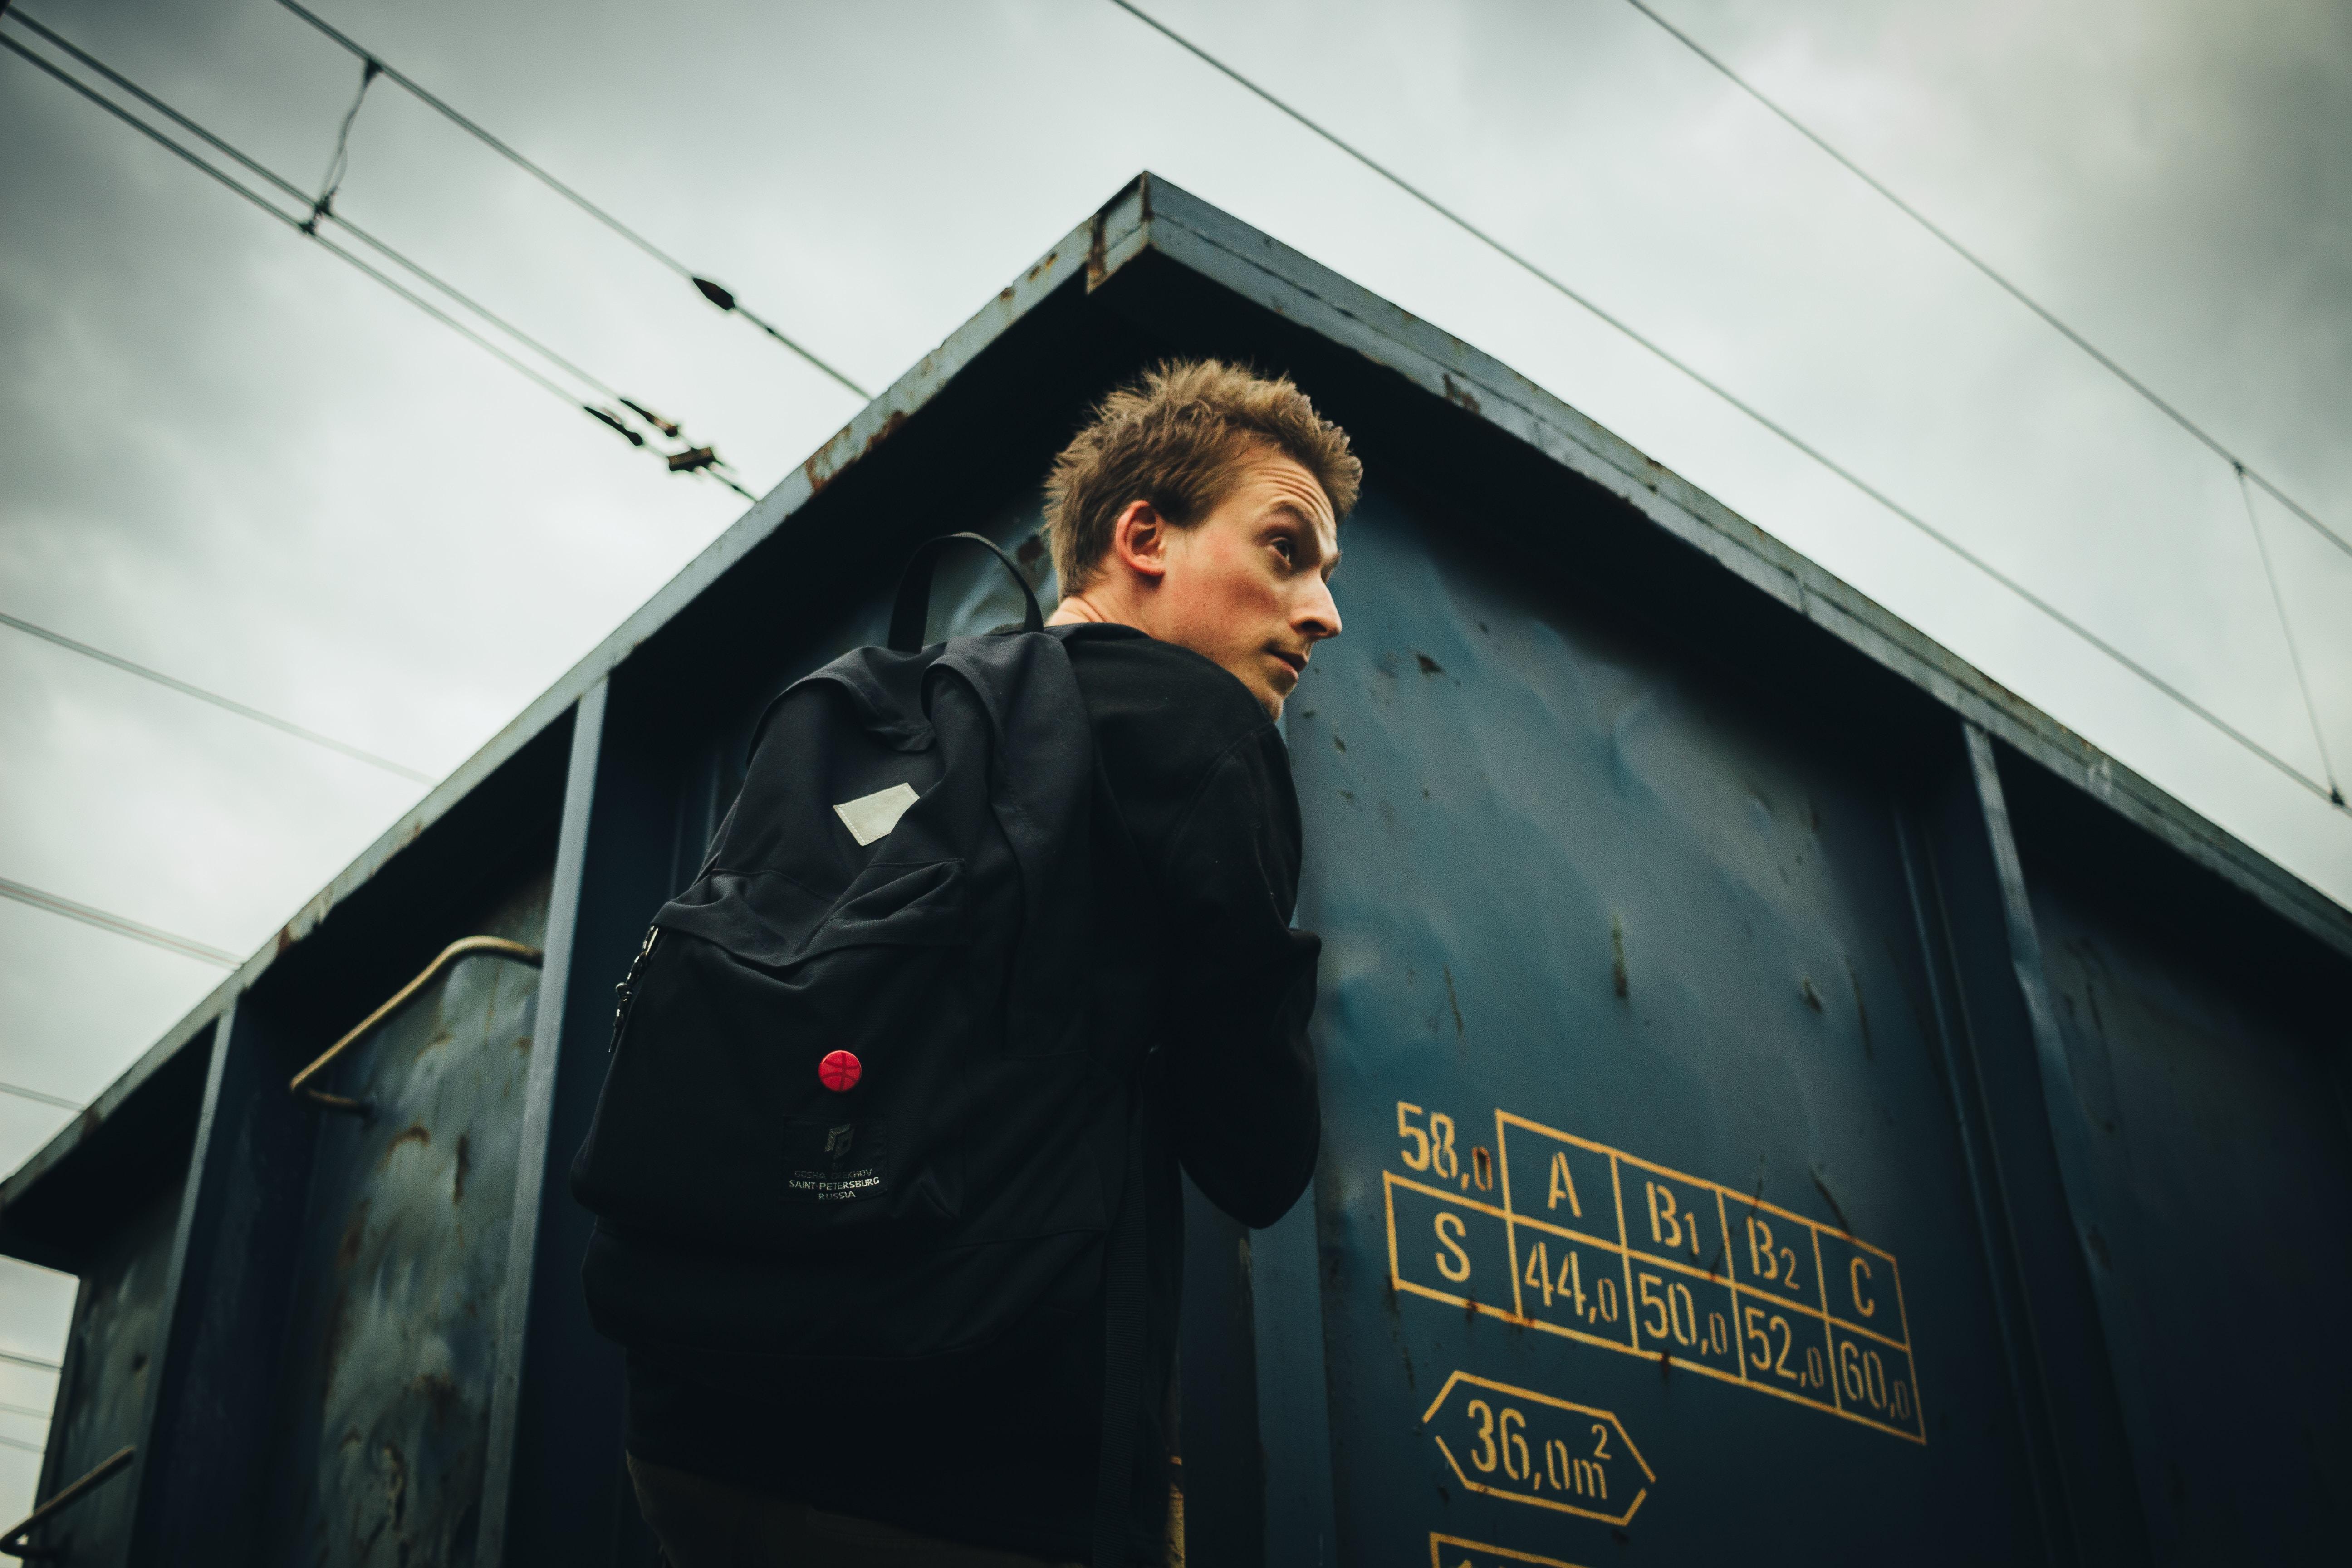 man wearing black backpack beside building